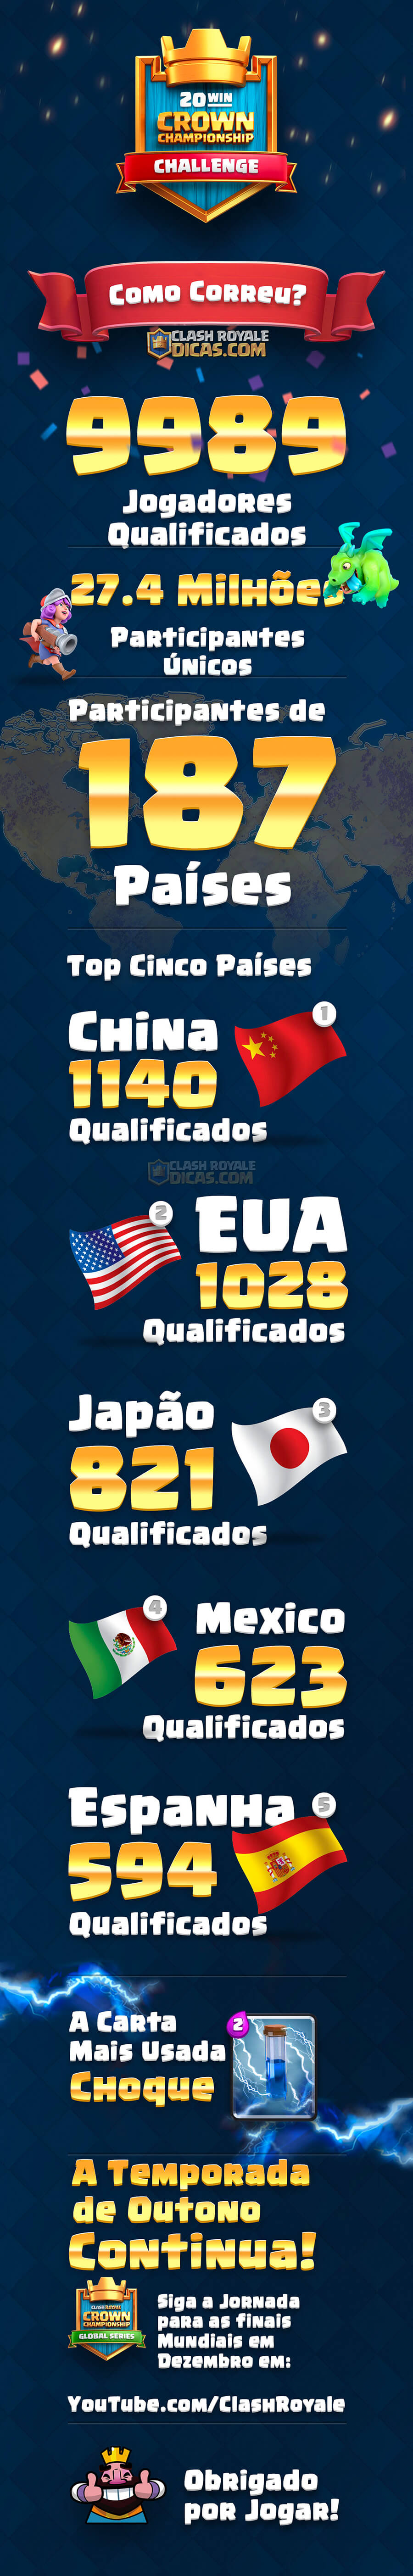 Infográfico sobre o Desafio do Crown Championship